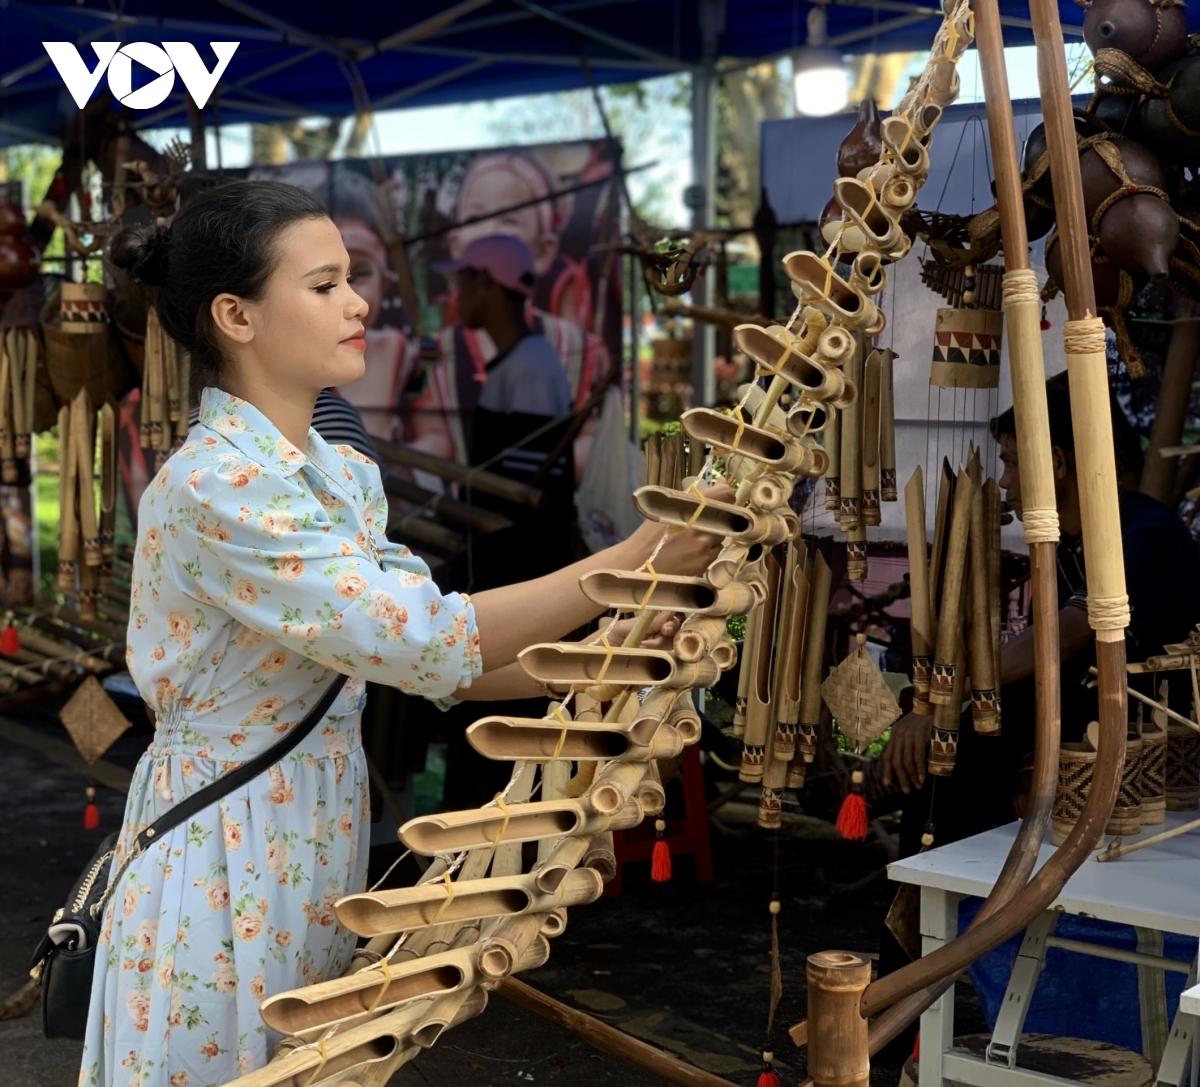 Tại các lễ hội, không thể thiếu những gian trưng bày nhạc cụ truyền thống của người dân bản địa.